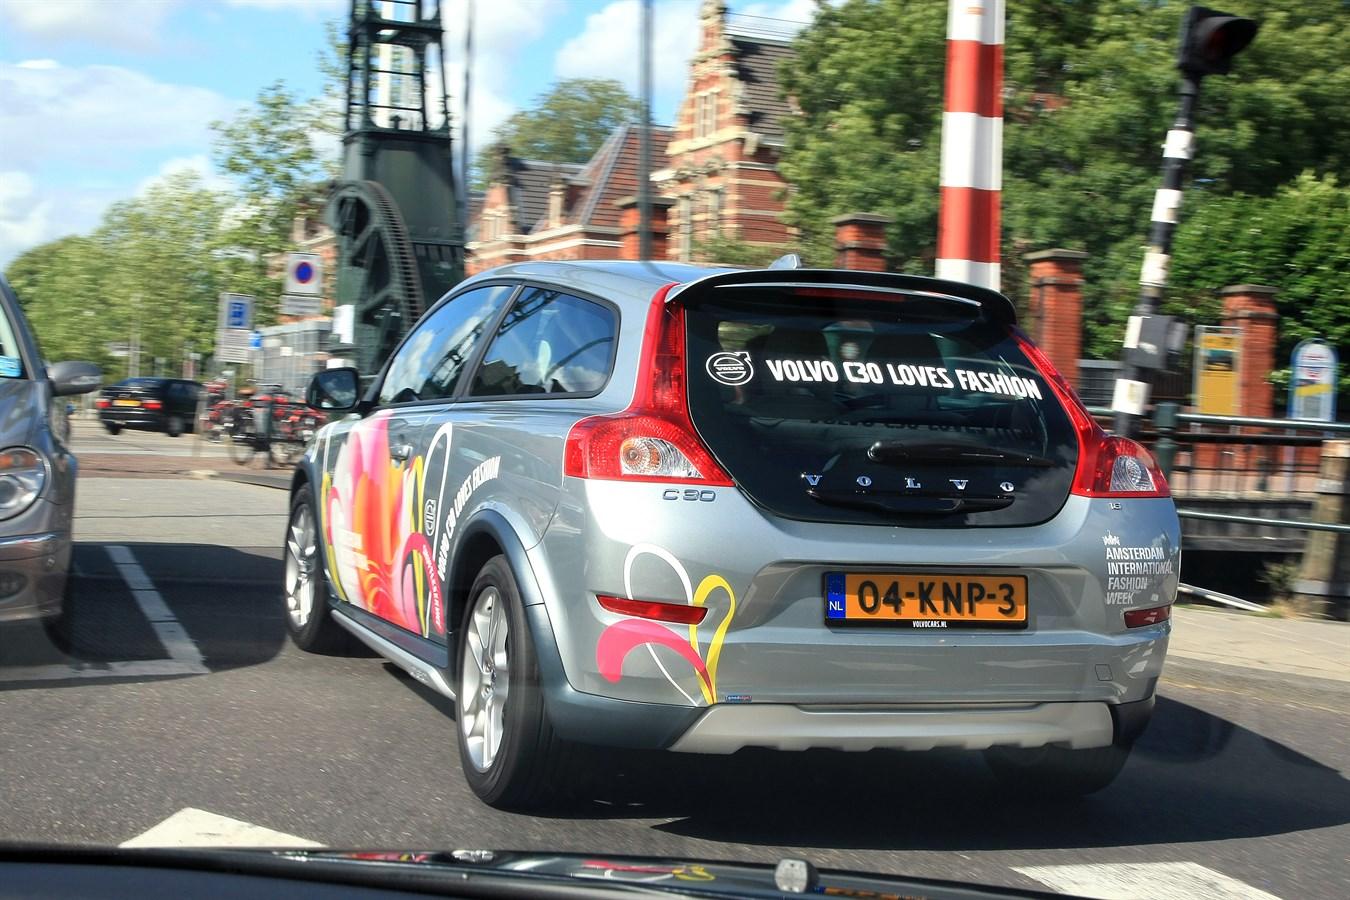 Volvo fashion week работа для девушки в элисте